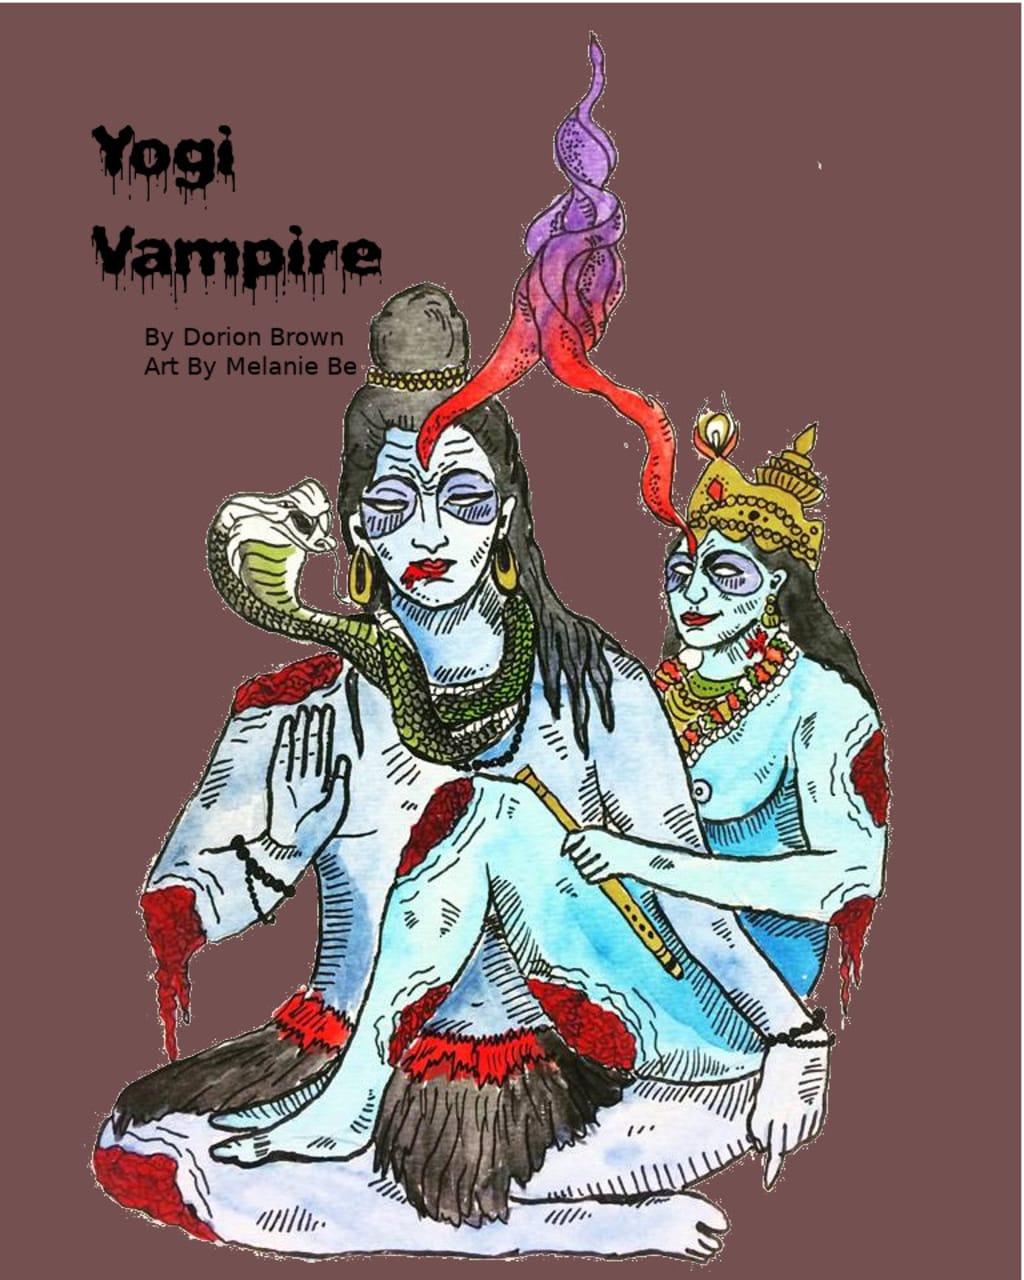 Yogi Vampire